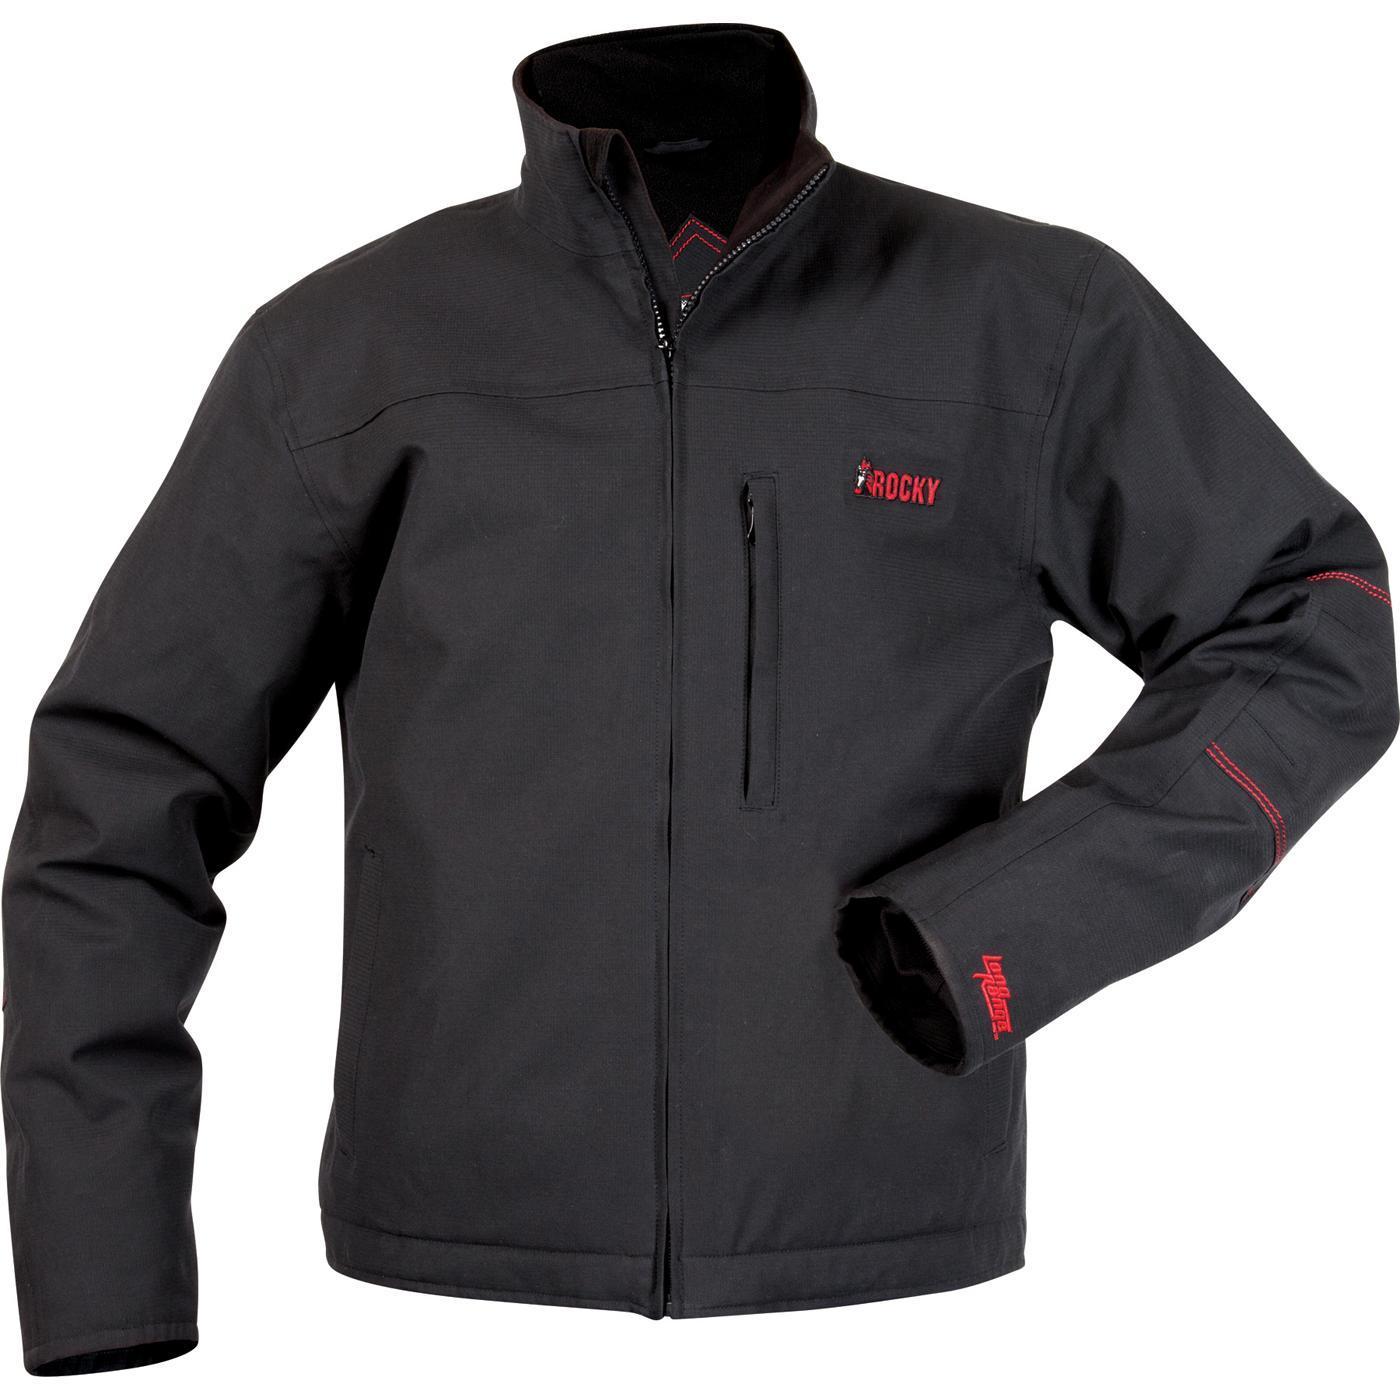 ROCKY: Long Range Men's Waterproof Work Jacket ®Style #621001